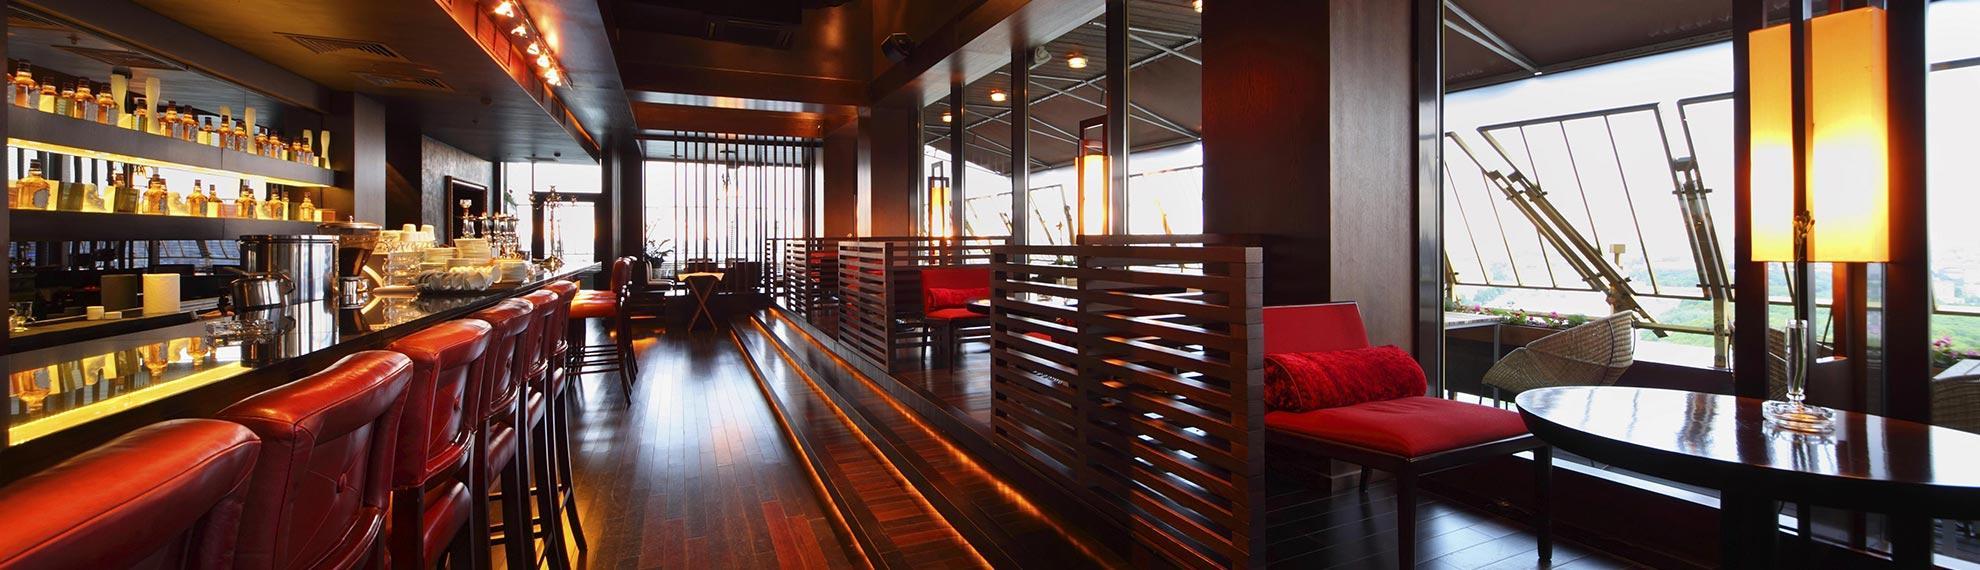 Arredamento bar e ristoranti palermo architetto giovan battista sommatino - Architetto palermo ...